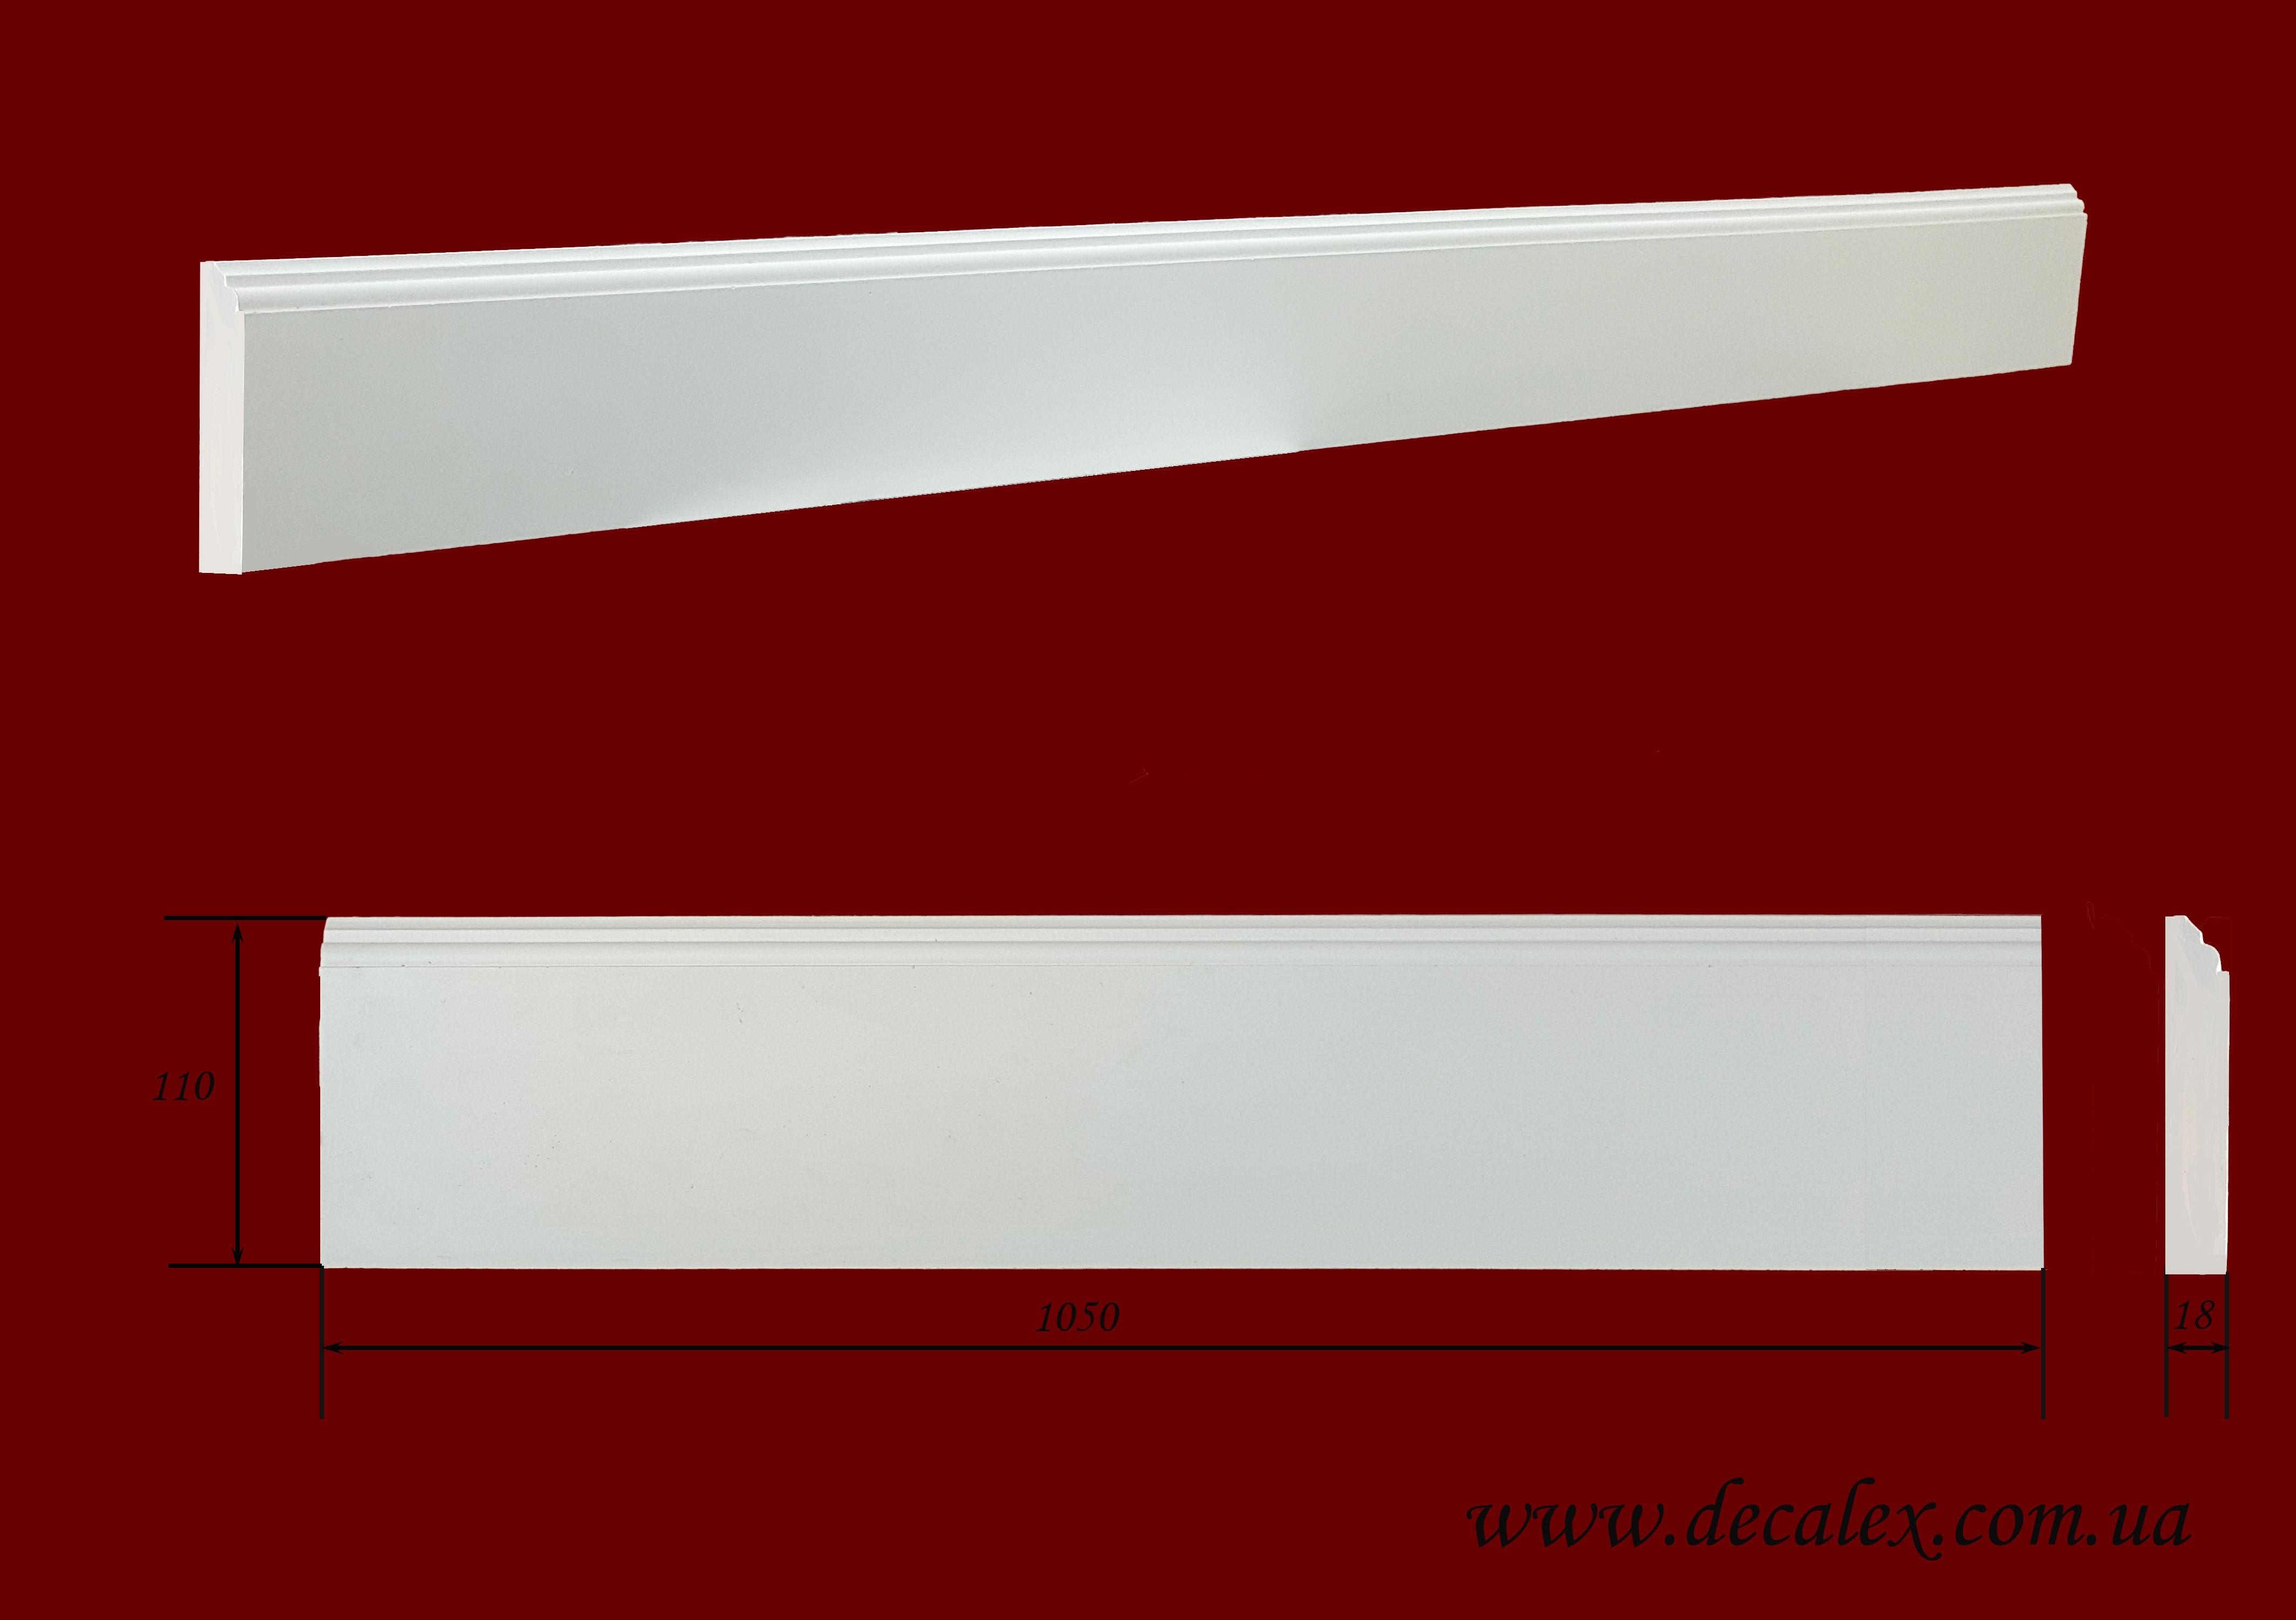 Код товара ПЛ11001. Плинтус из гипса шириной 110 мм и длиной 1005 мм. Розничная цена 150 грн/шт